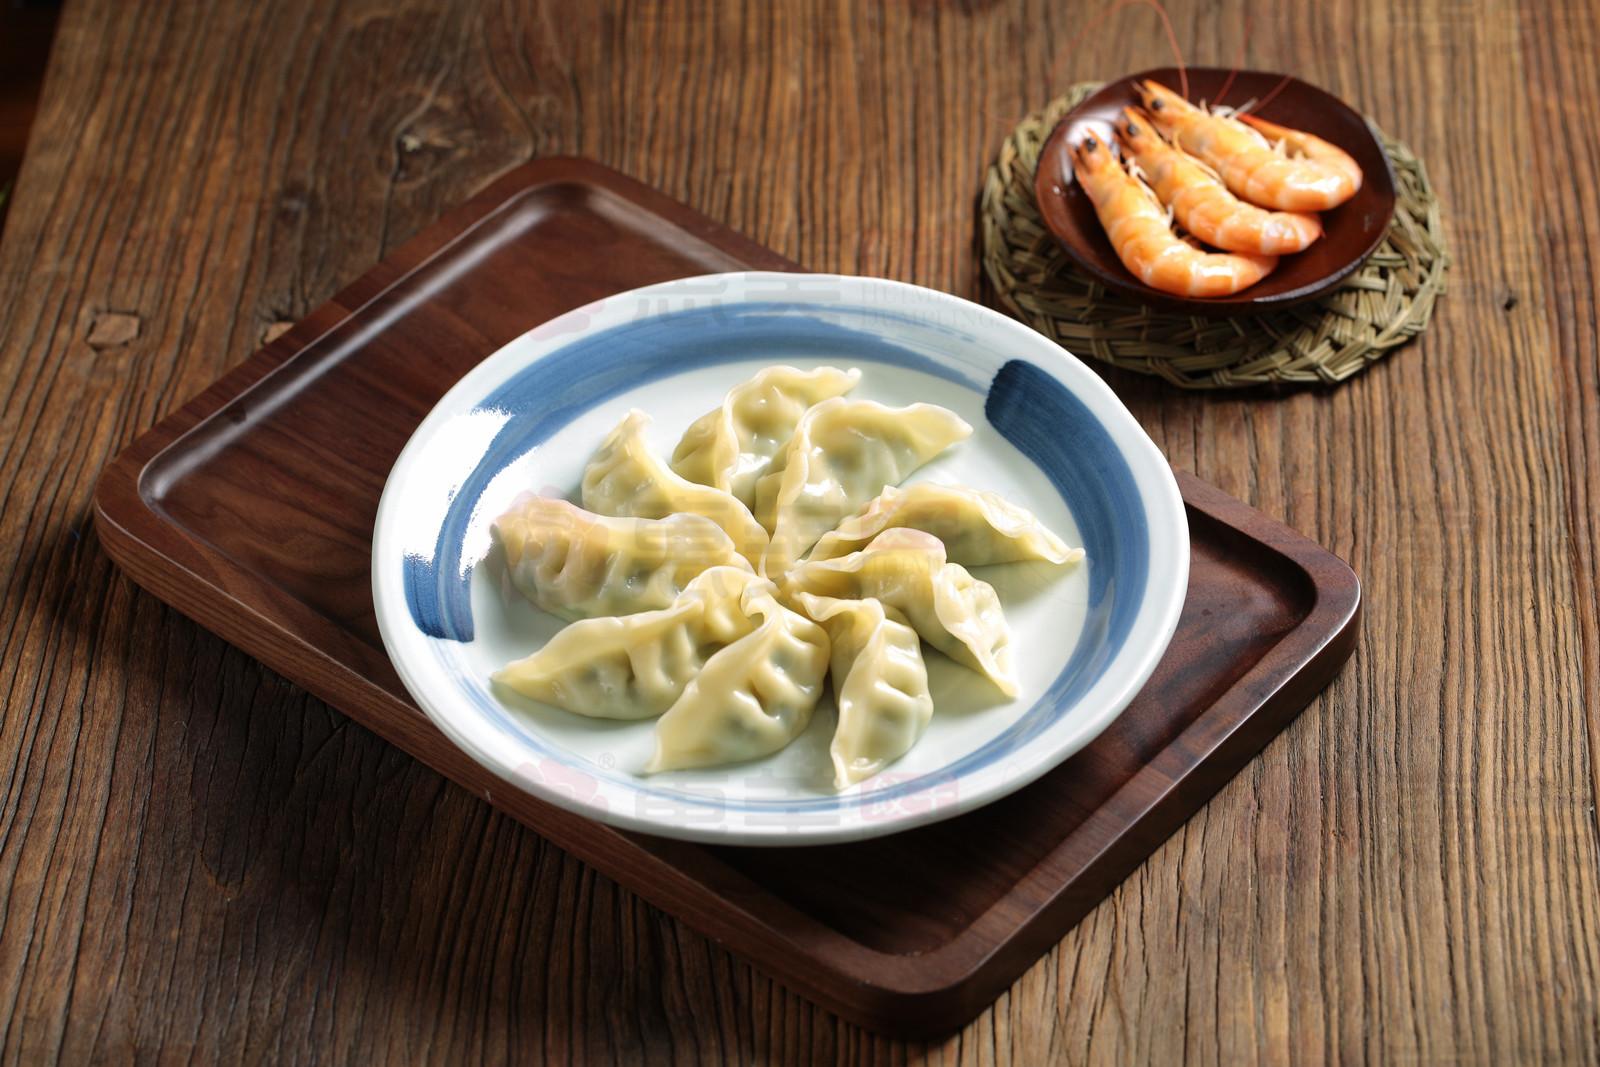 惠美饺子特色美食-虾仁猪肉水饺